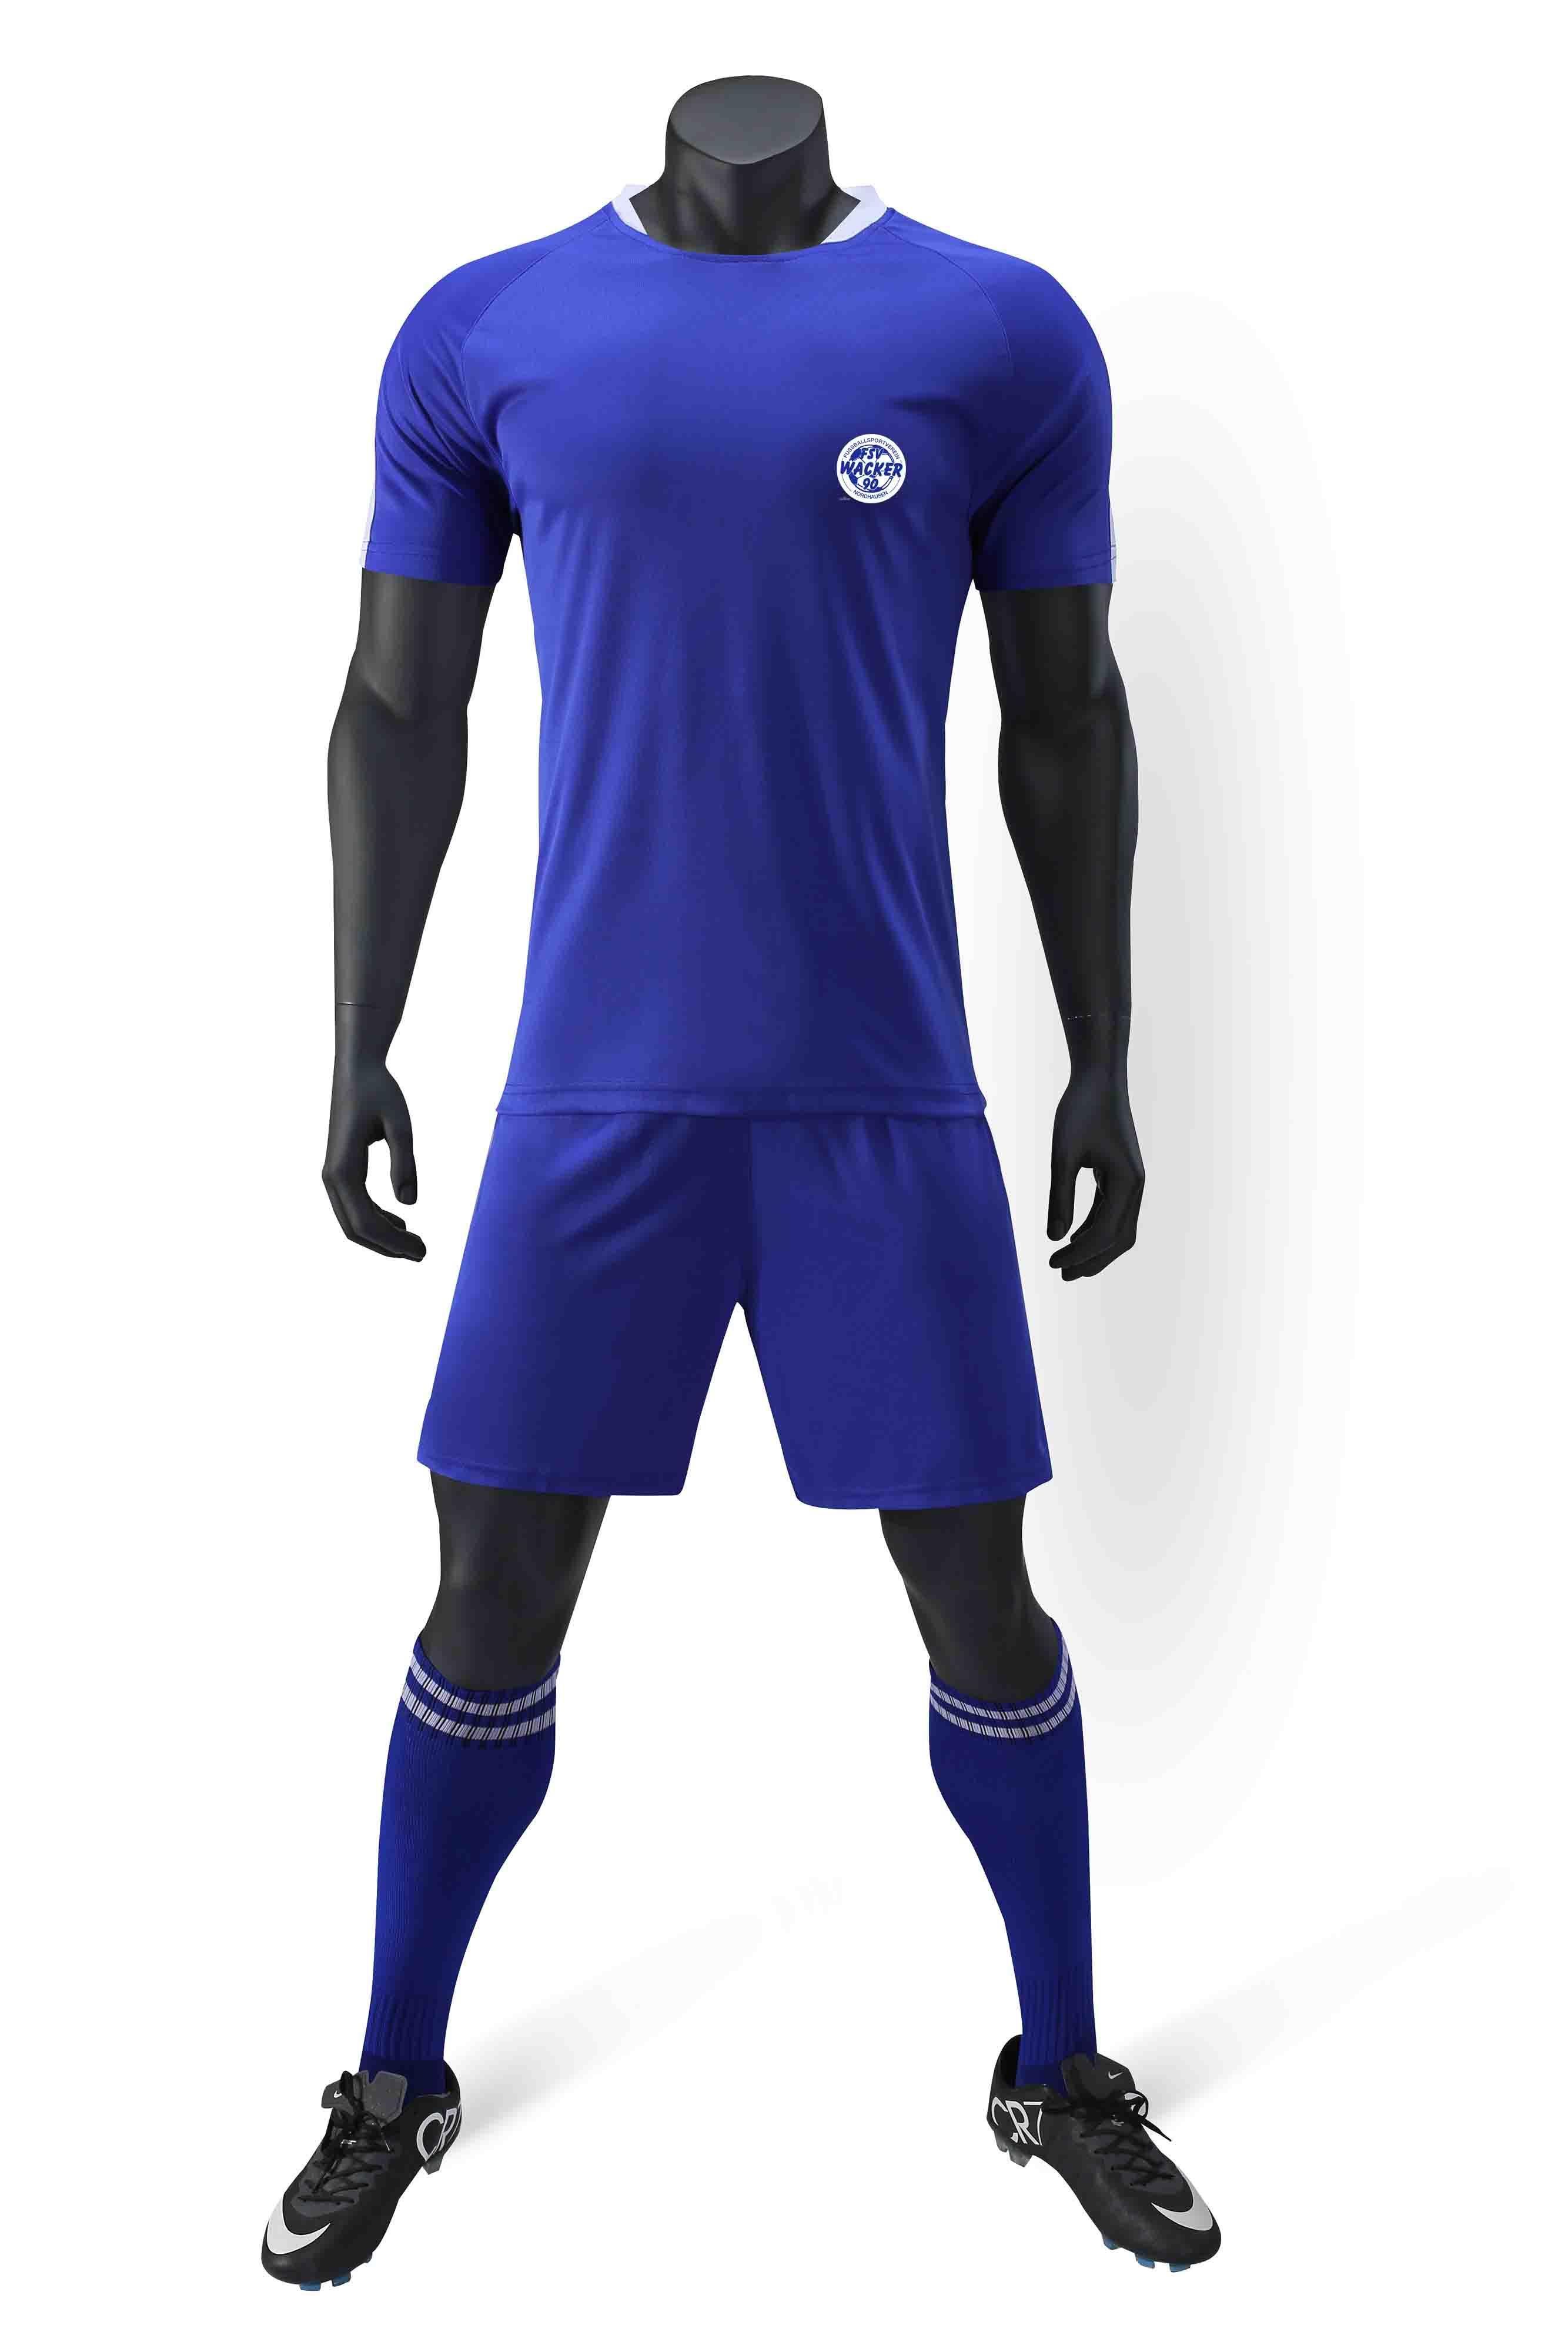 FSV Wacker 90 Нордхаузен 100% полиэстер спорт нового шаблона случайных футболки футбол костюм обучение модного мужские футбольные костюмы